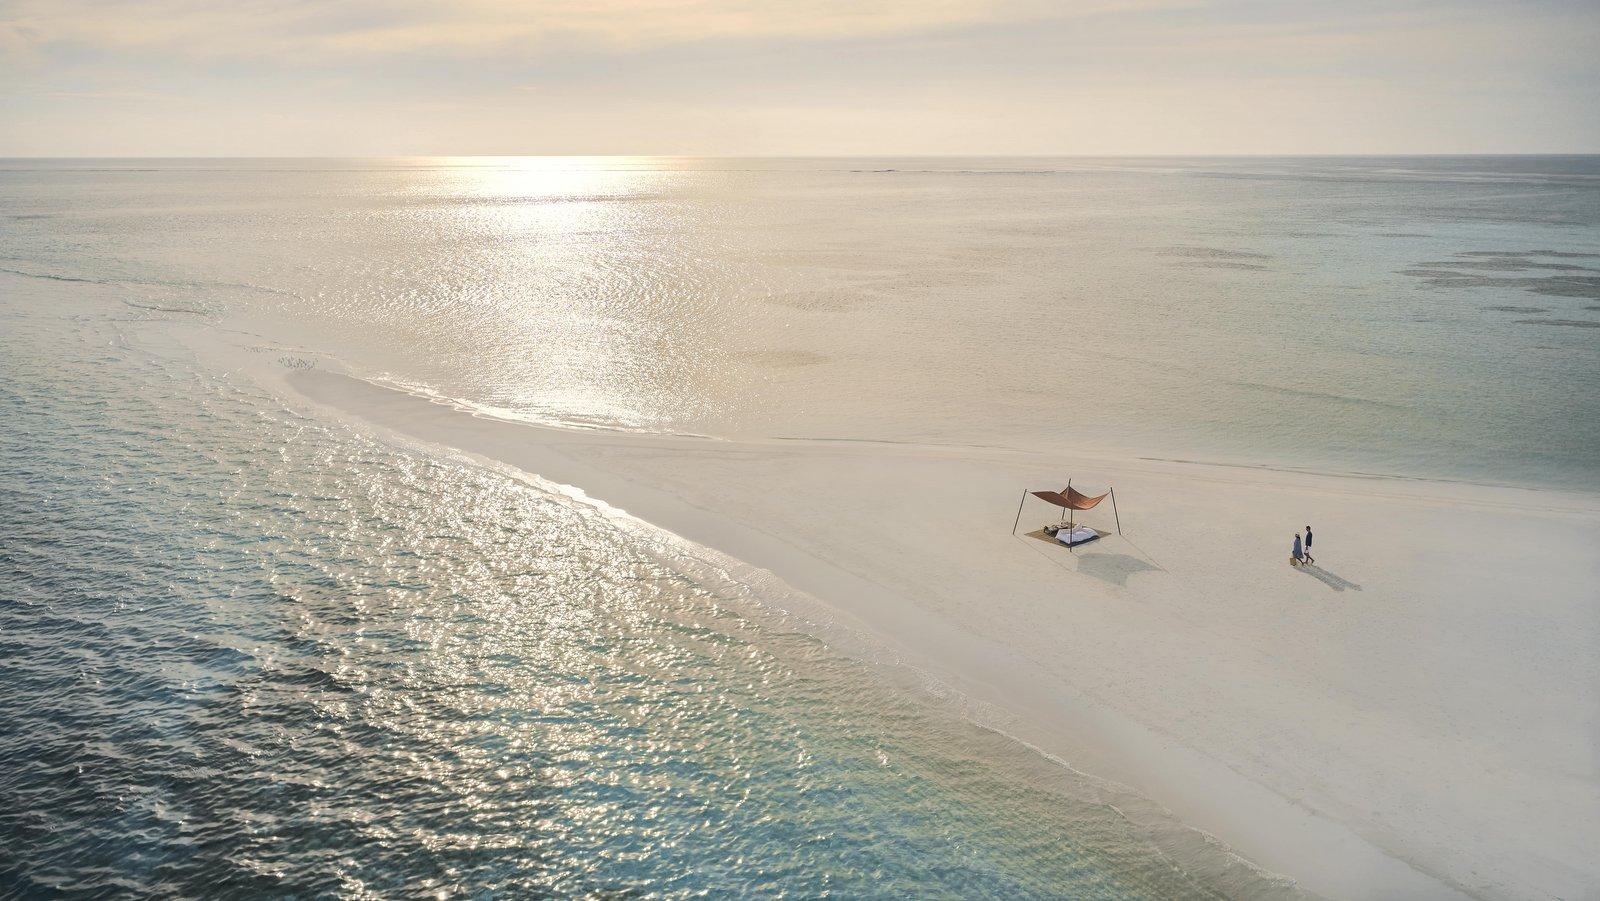 Мальдивы, отель COMO Cocoa Island, пляж